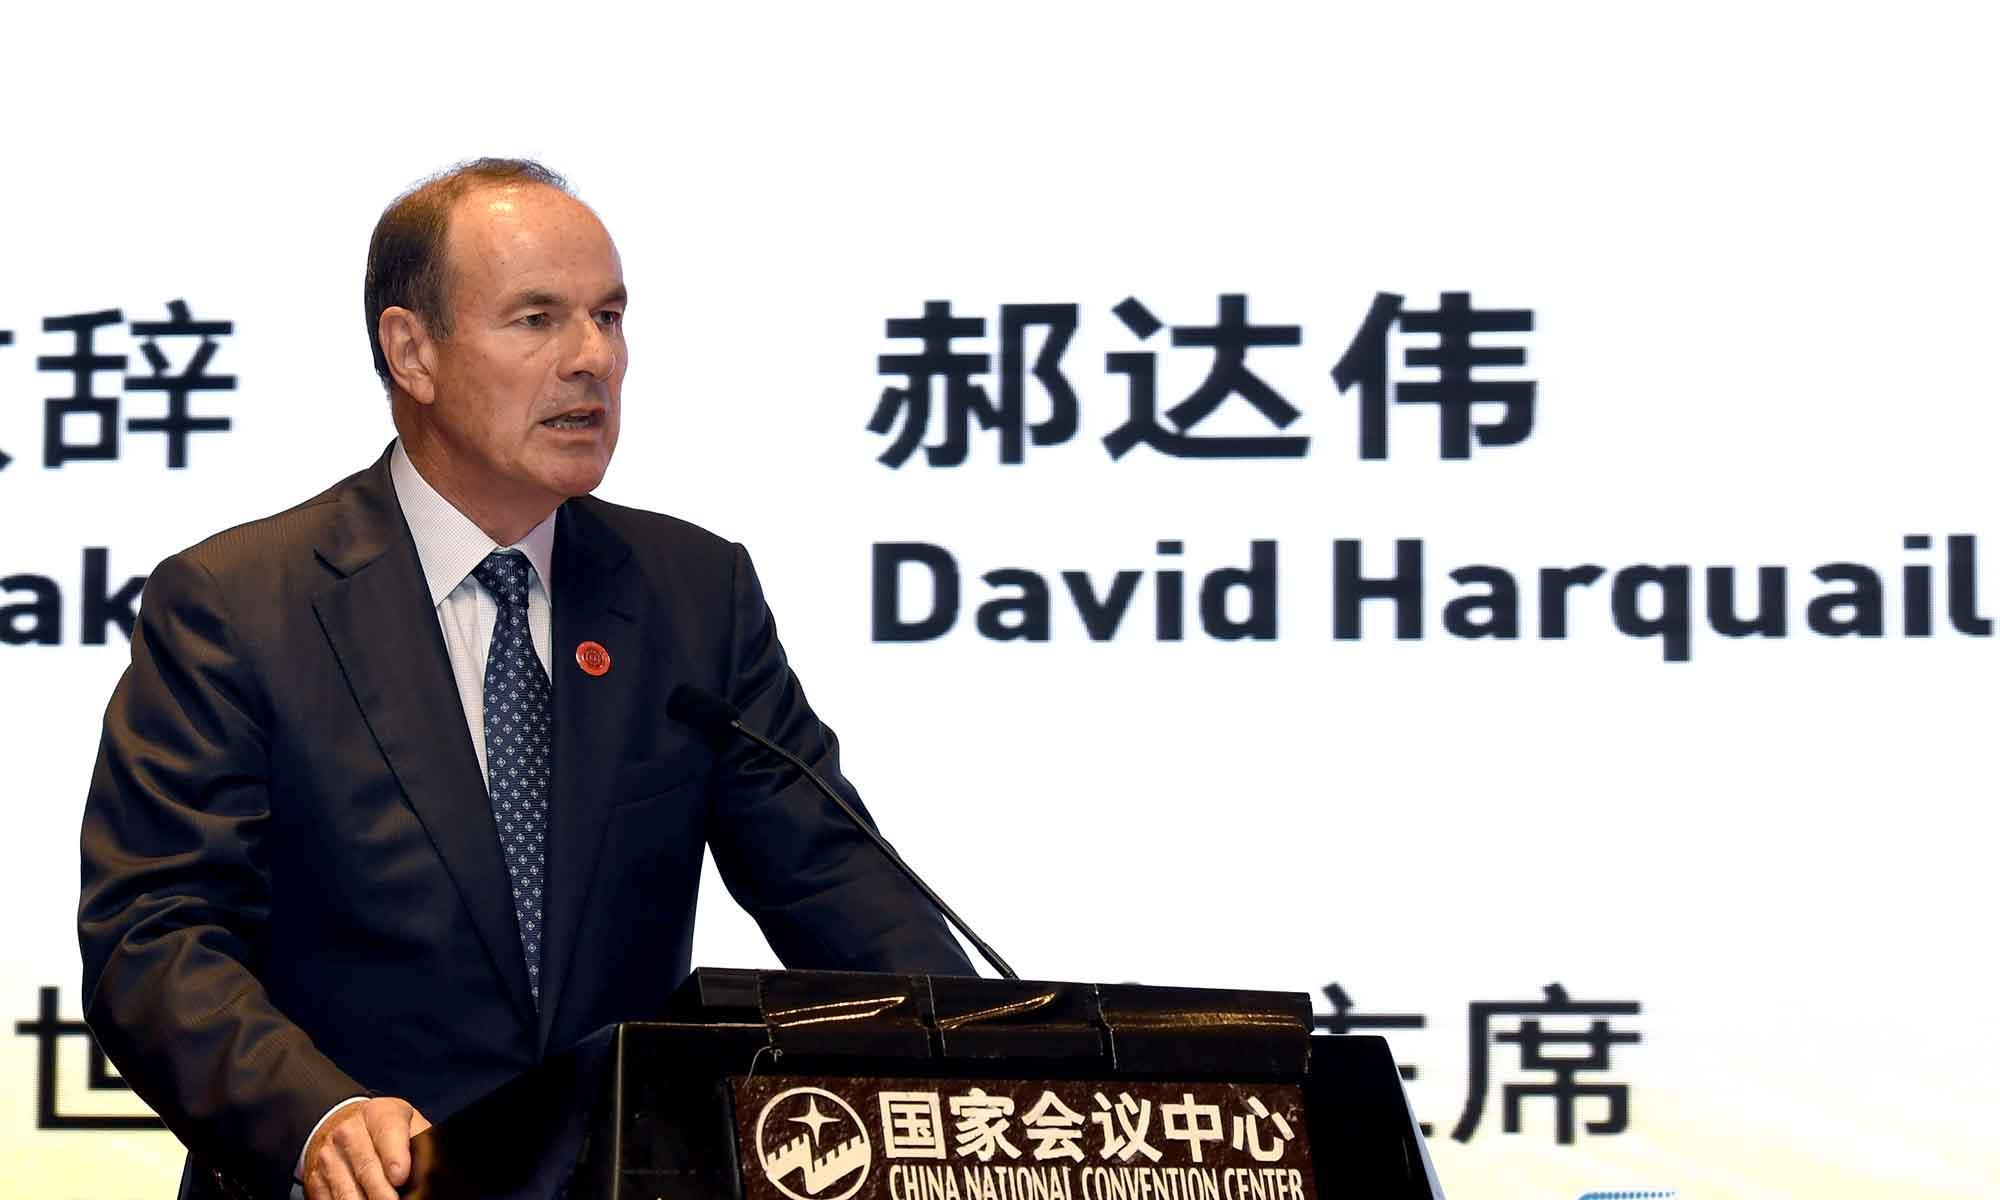 世界黄金协会主席David Harquail致辞